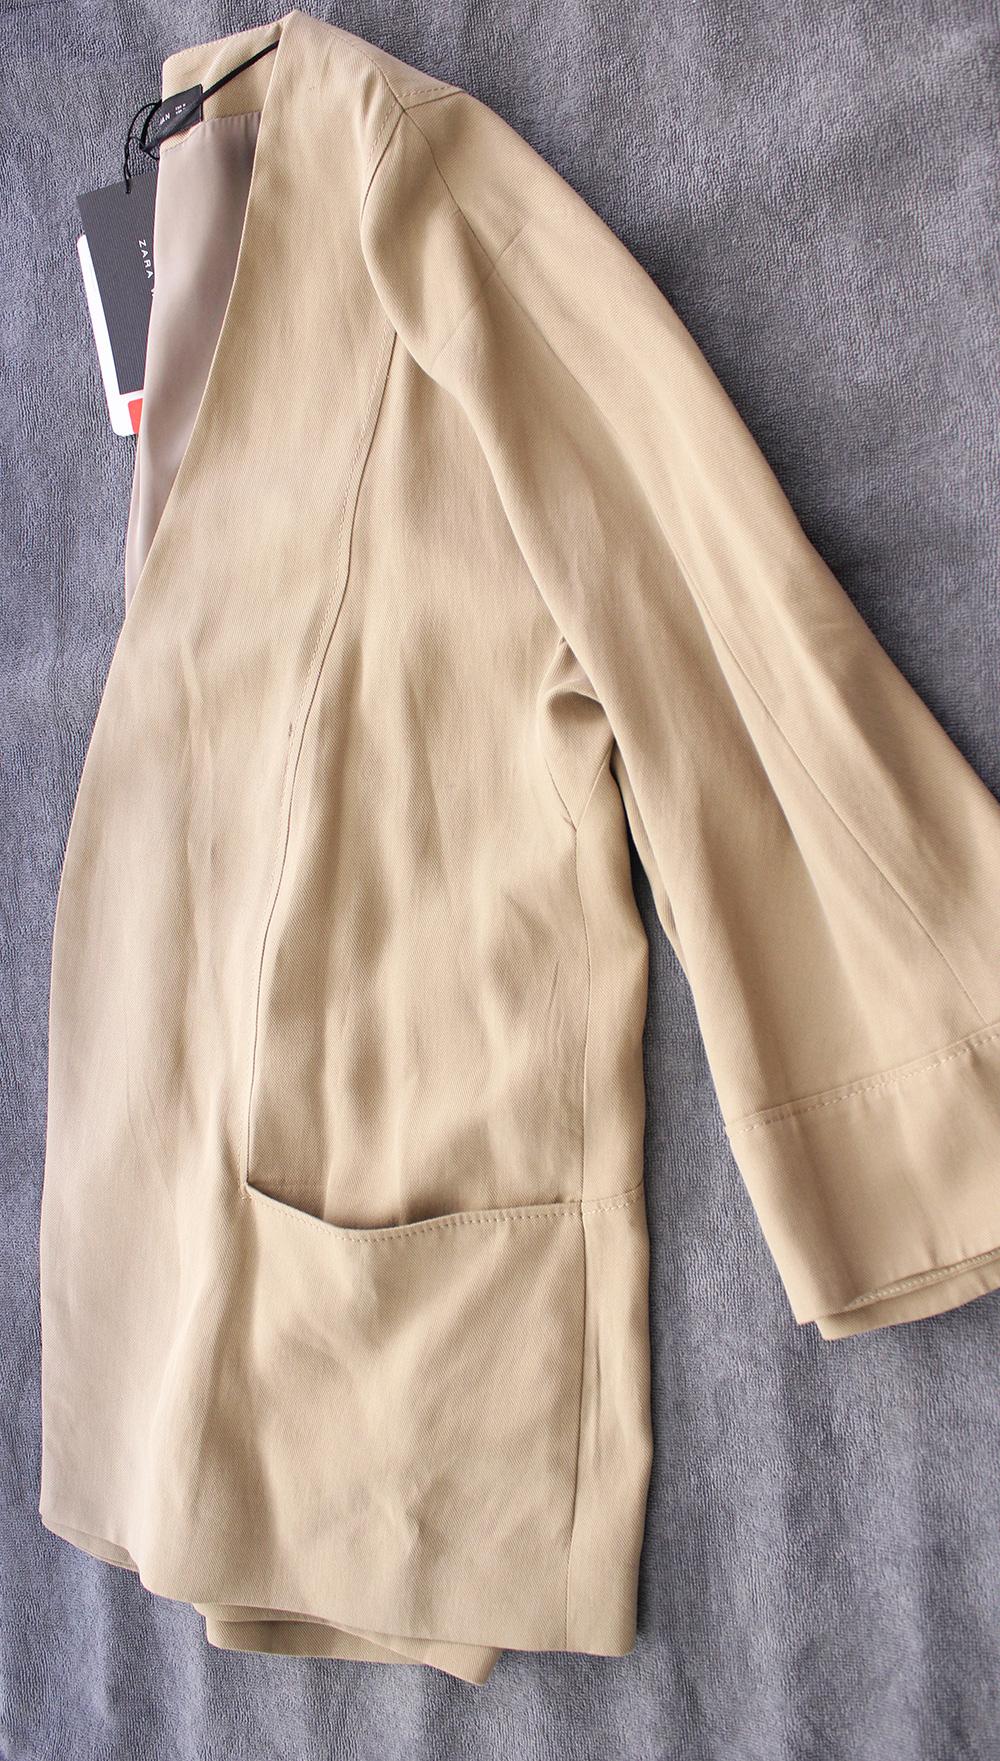 Kimono Zara - 29,99€ (em vez de 59,99€)